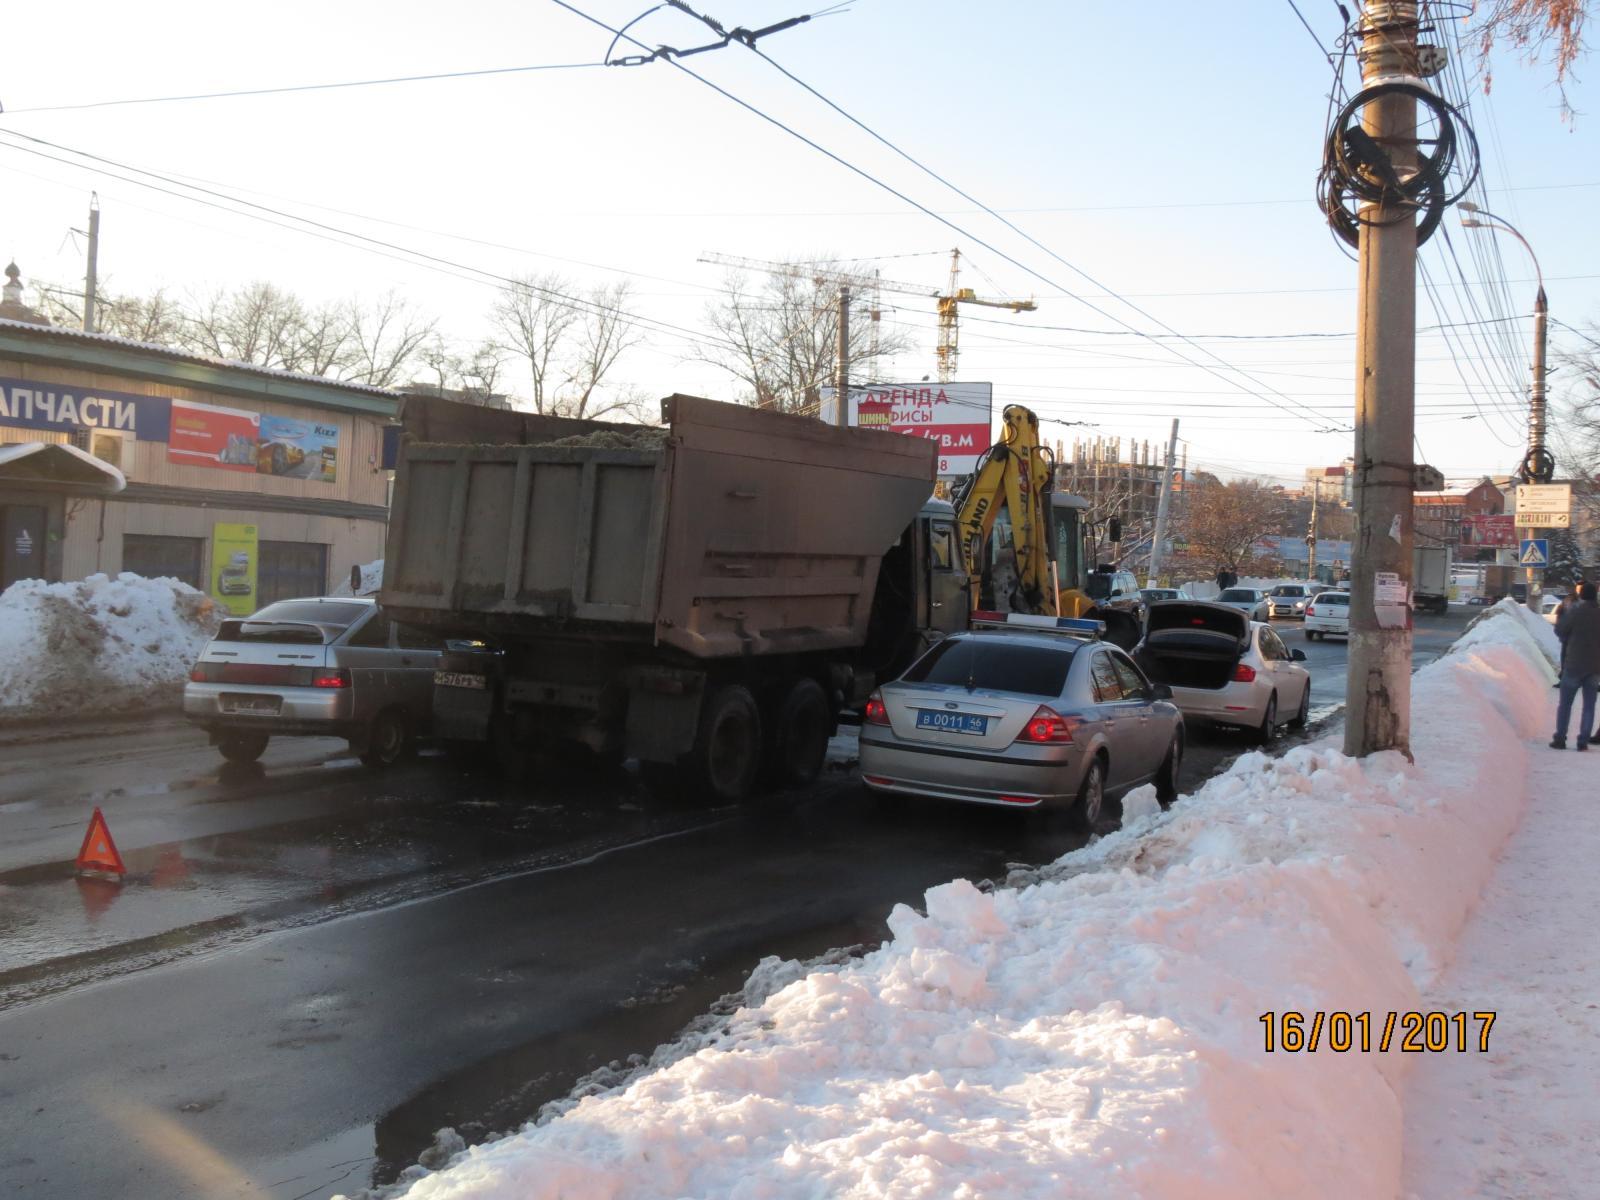 ВКурске случилось ДТП сучастием «КАМАЗа», фургона иБМВ